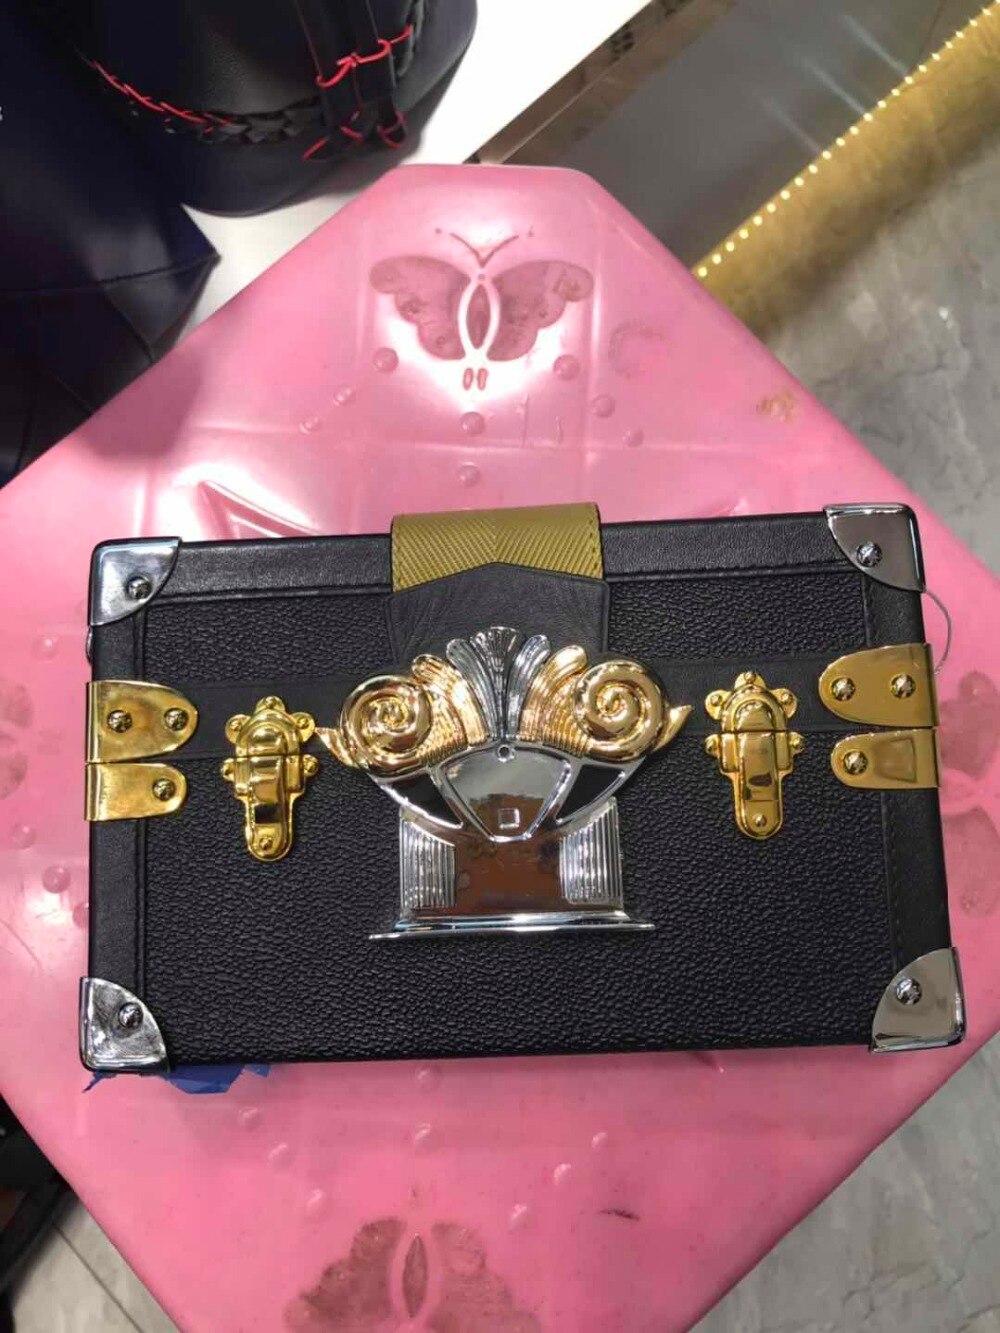 Für 100 Leder Handtaschen Frauen Berühmte Designer Marke Luxus Taschen Umhängetaschen Runway Echtem AOxAF